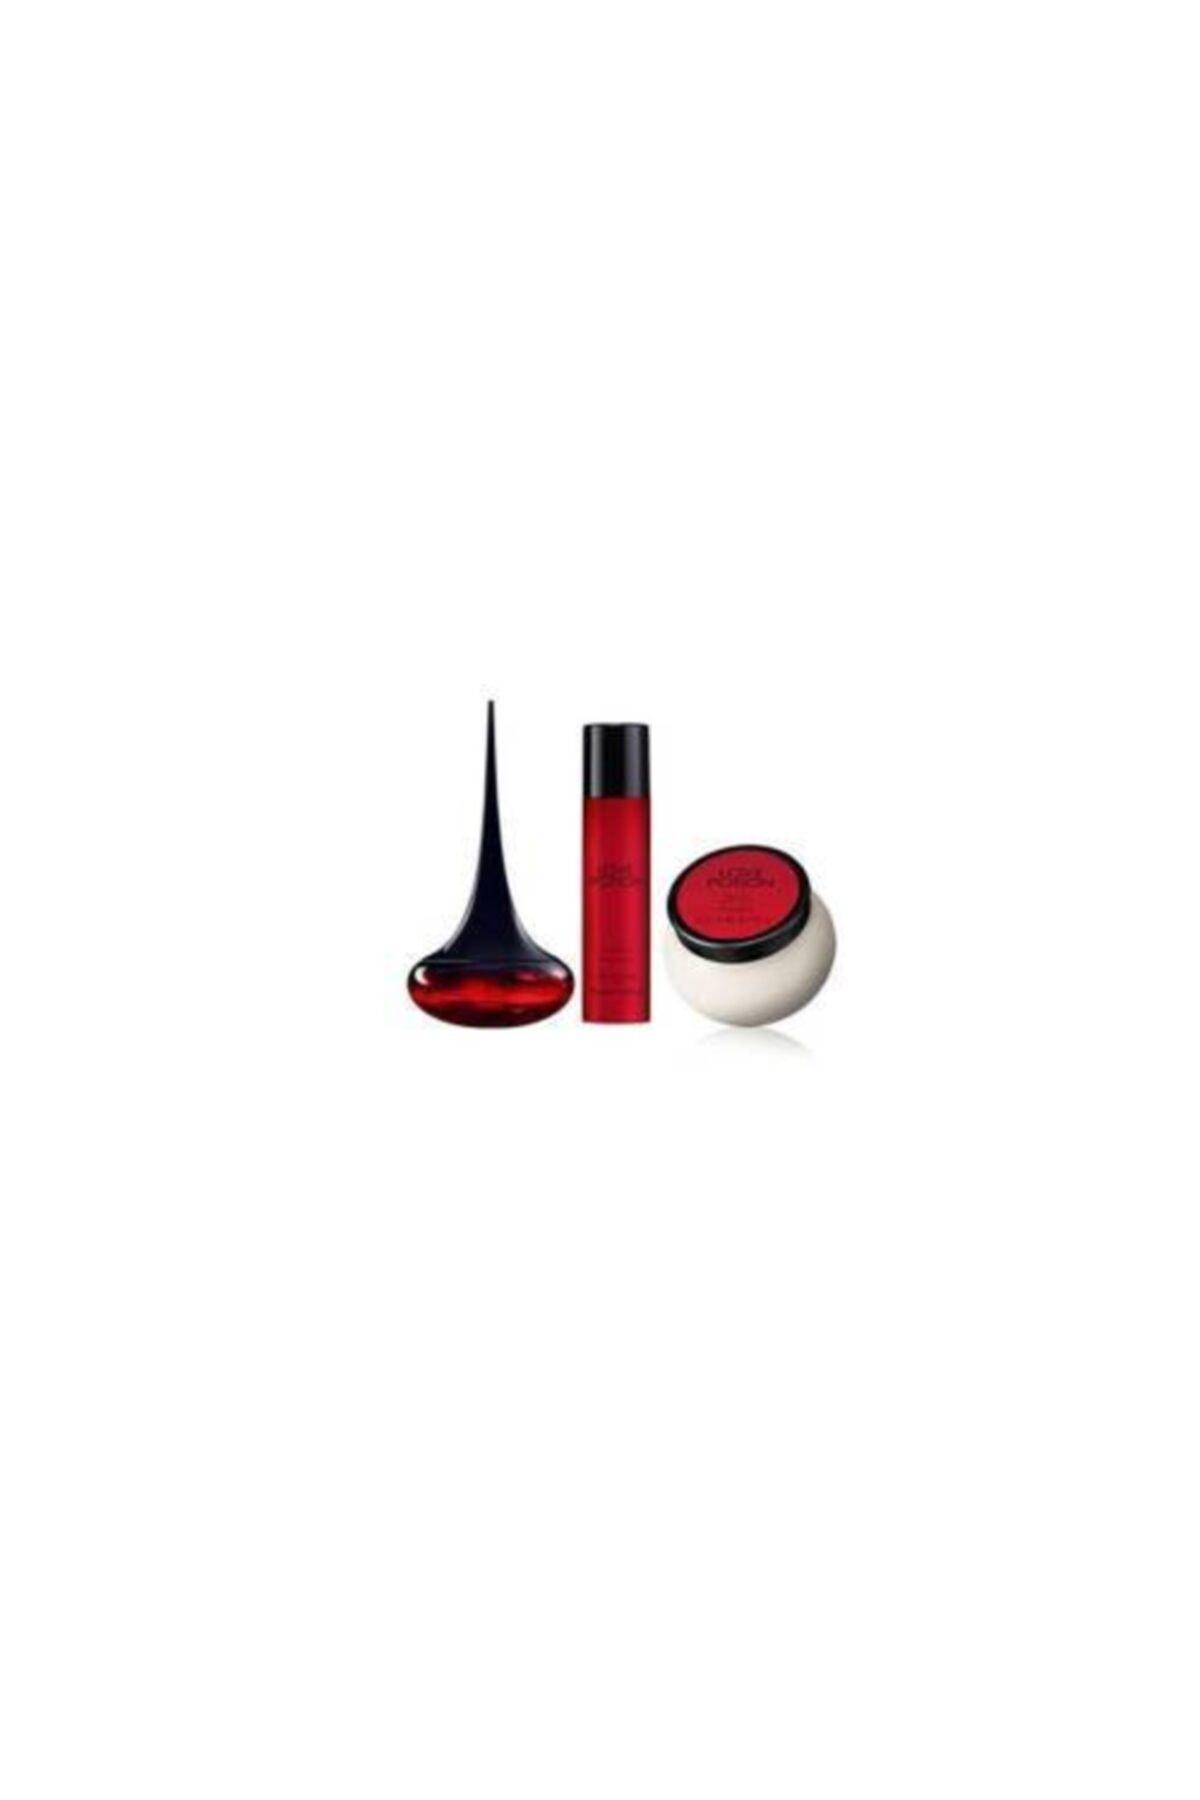 Oriflame Love Potion Edp 50 ml Kadın Parfümü + Parfümlü Vücut Kremi 250 ml  + Parfümlü Vücut Spreyi 75 ml 2